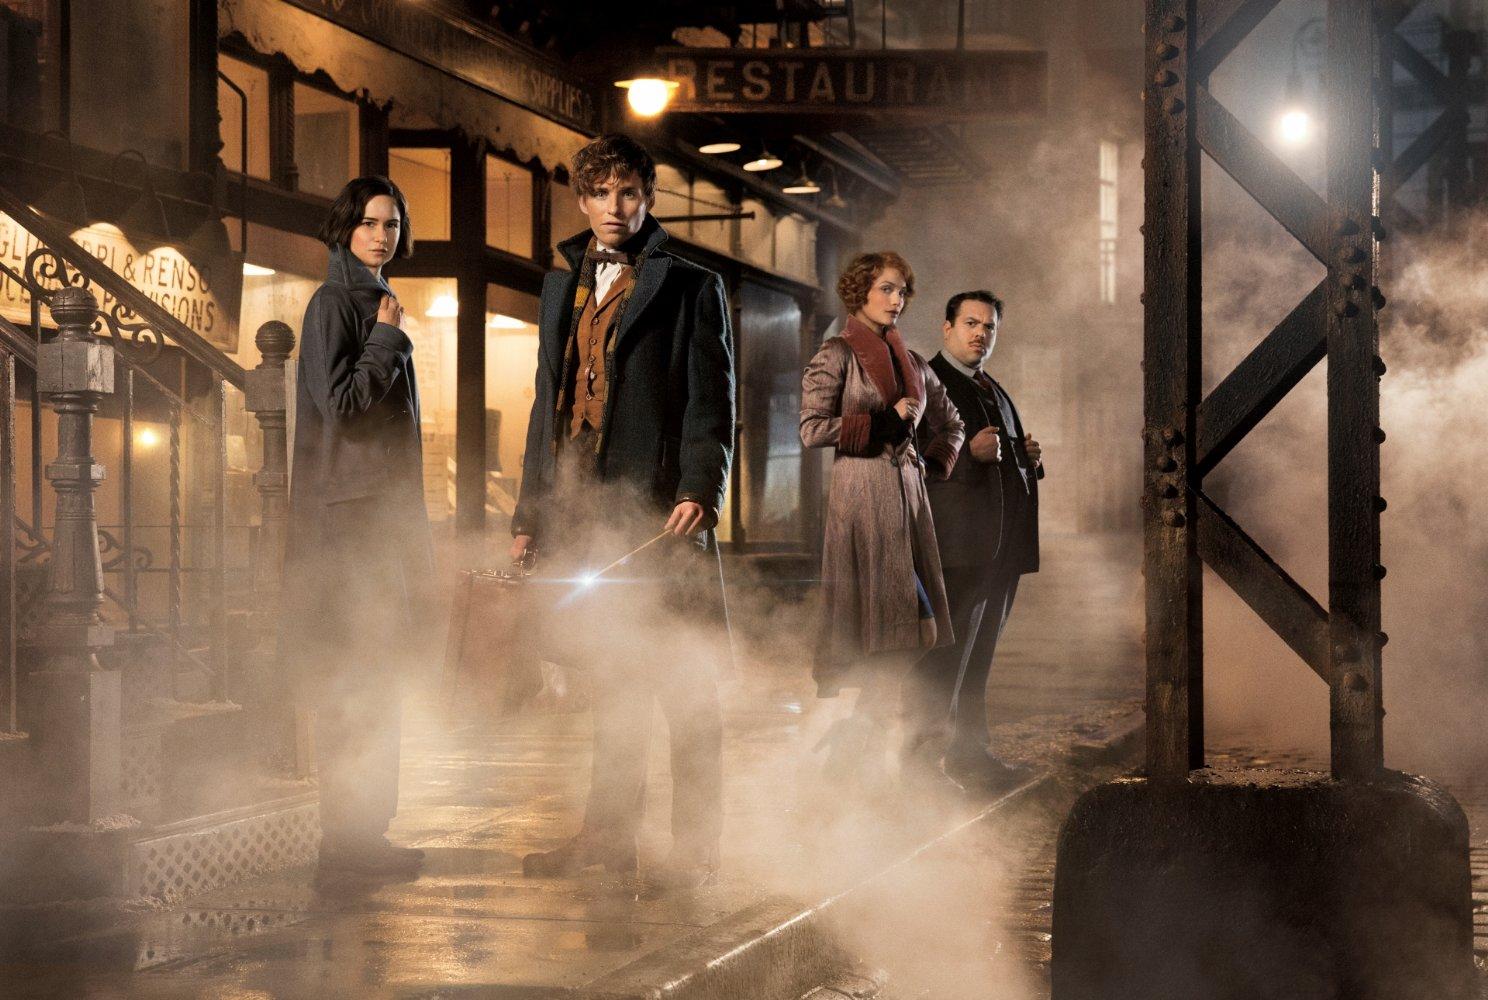 Tina Goldstein (Katherine Waterston), Newt Scamander (Eddie Redmayne), Queenie Goldstein (Alison Sudol) und Jacob Kowalski (D